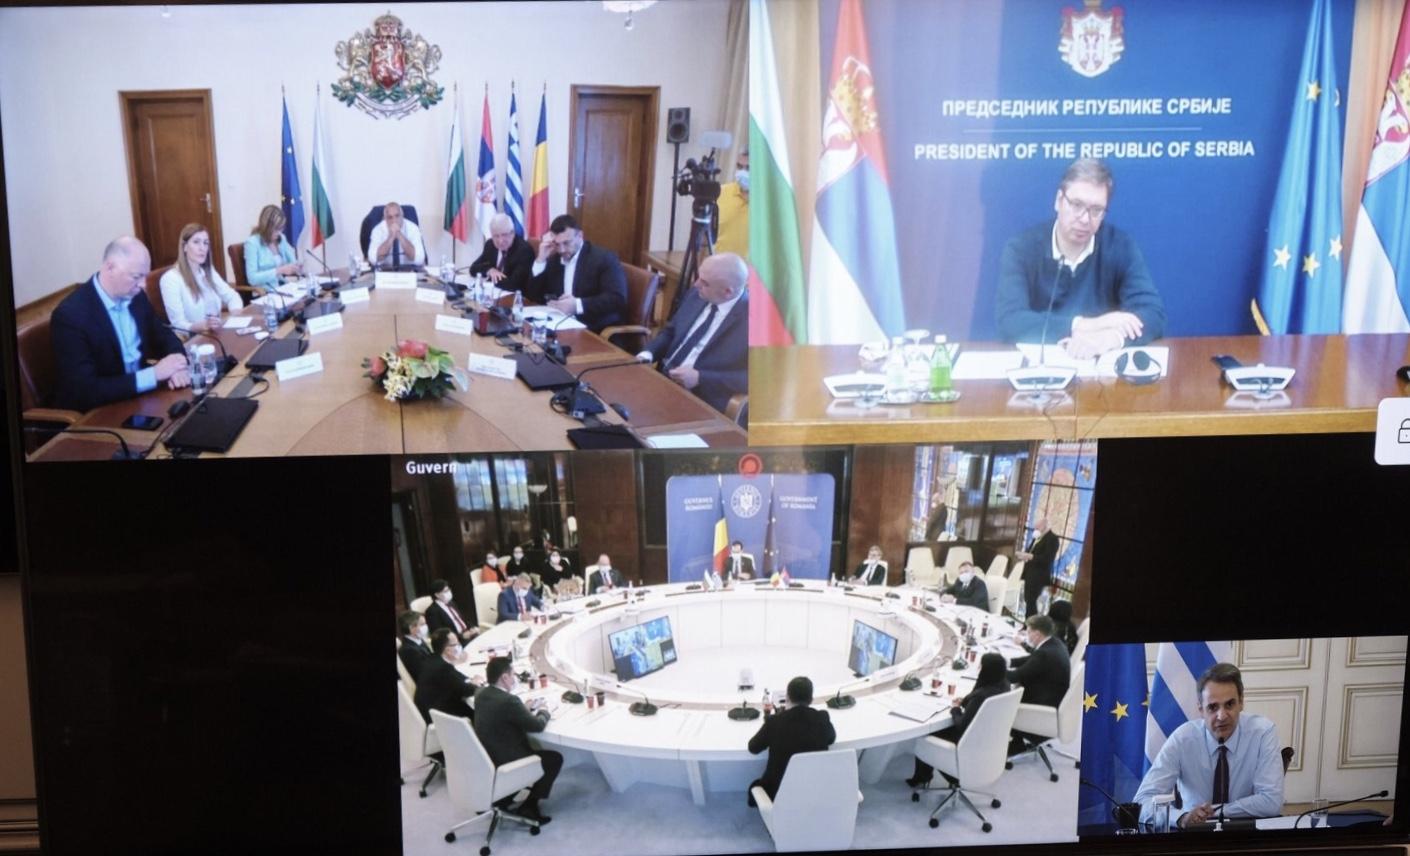 Πρόσκληση απεύθυνε ο Μητσοτάκης στους ηγέτες Βουλγαρίας, Ρουμανίας και Σερβίας να επισκεφθούν οι πολίτες τους την Ελλάδα